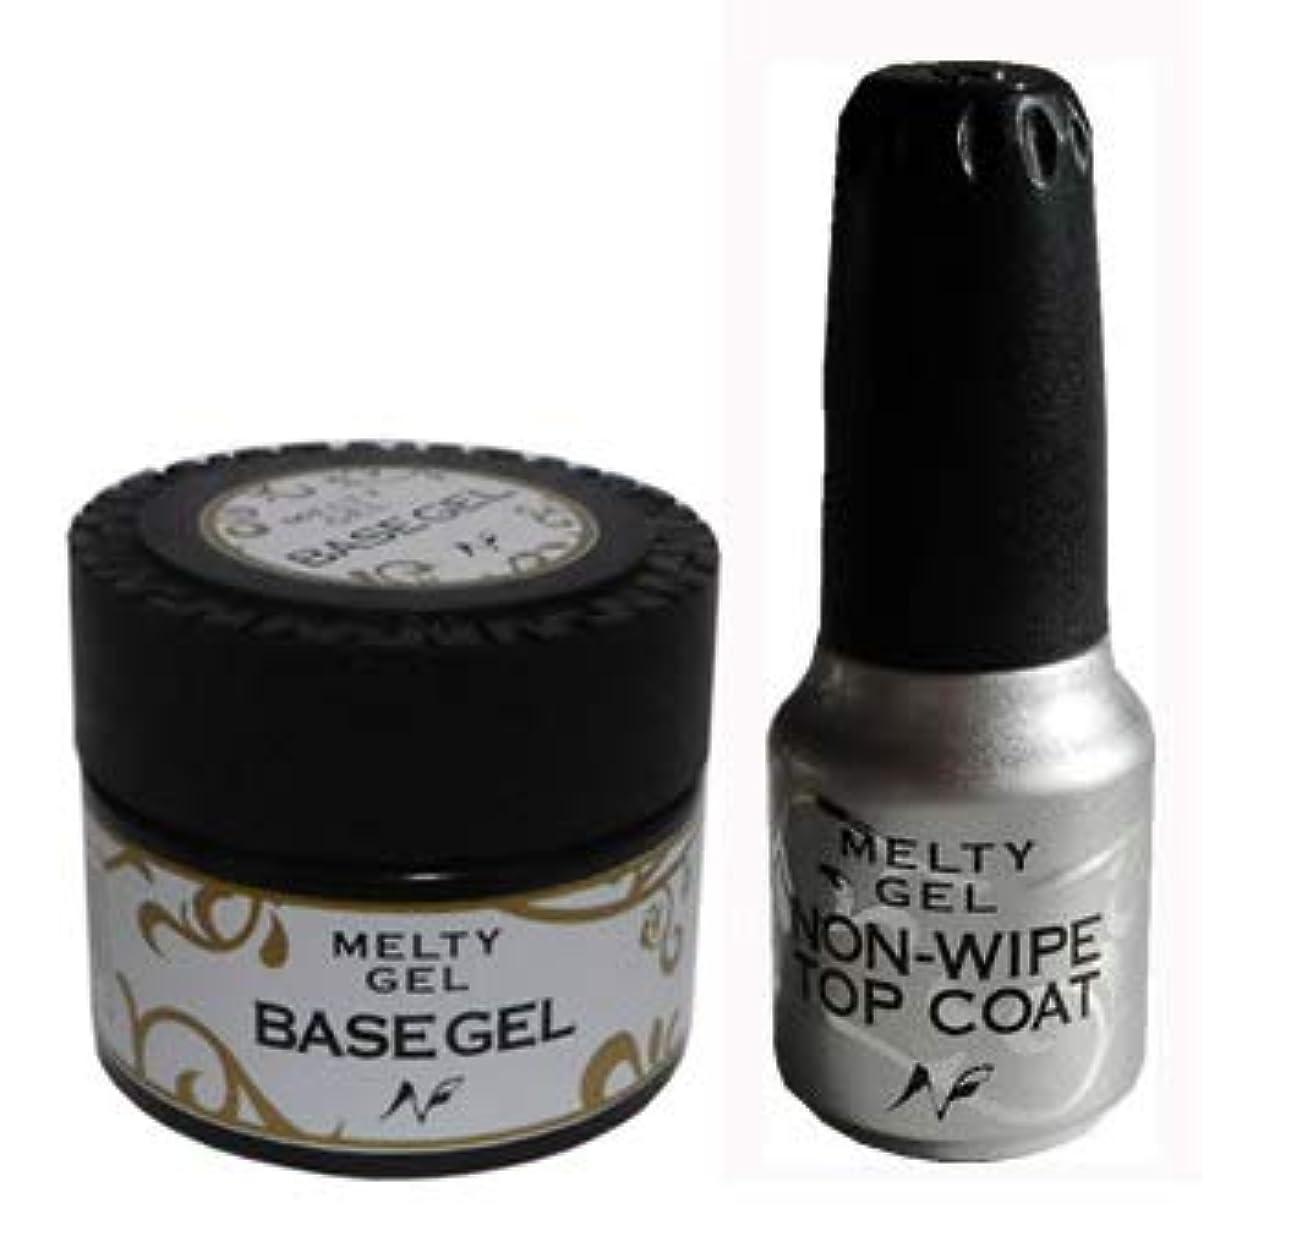 シソーラスシエスタ発疹Melty Gel ベースジェル 14g UV/LED対応 + メルティジェル ノンワイプトップコート 14g セット